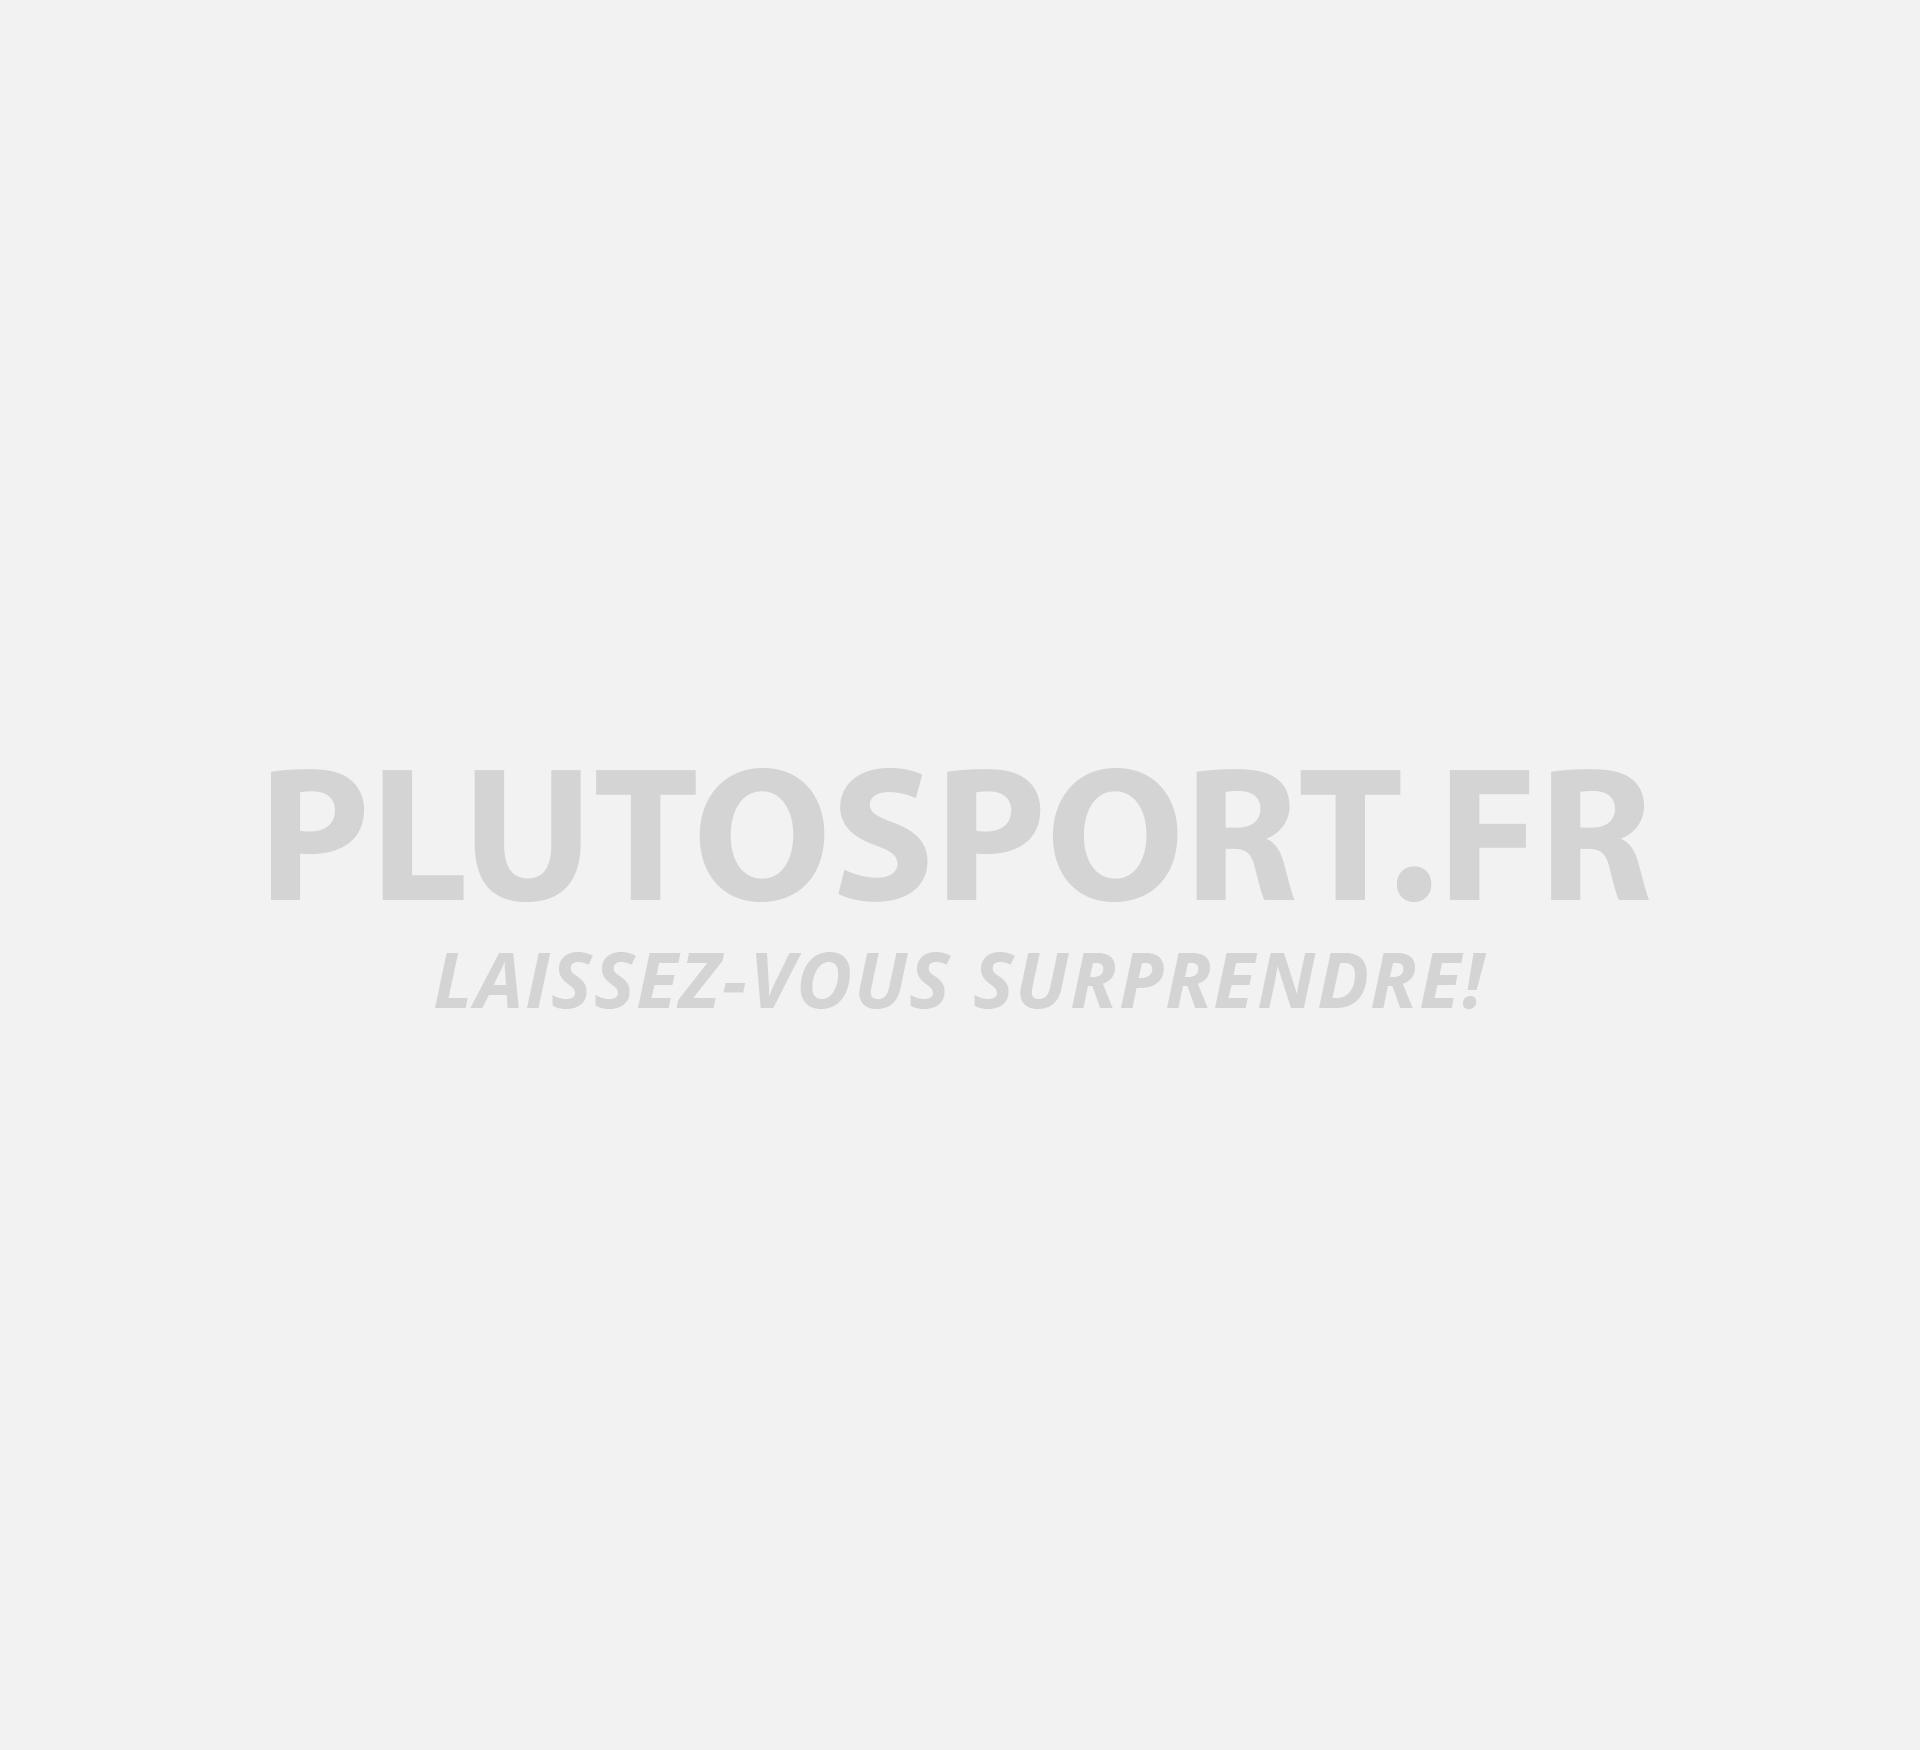 bf5e8e8c58 Roxy Jet Ski Veste de snowboard pour femmes - Manteaux d'hiver ...